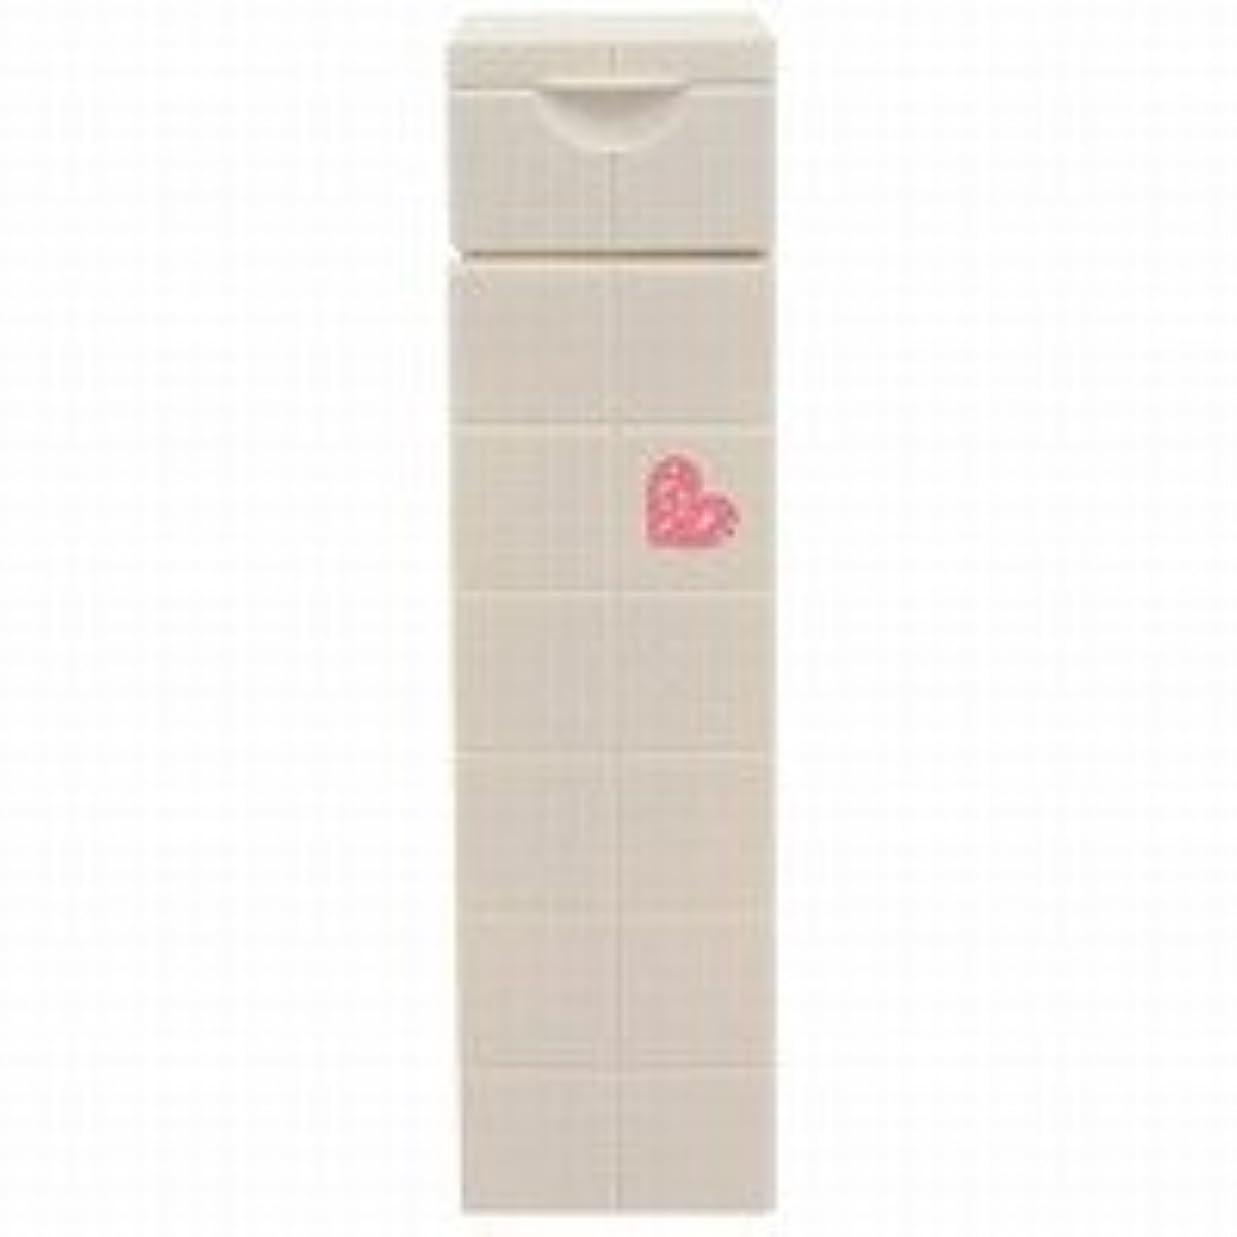 愛する発掘クック【X3個セット】 アリミノ ピース プロデザインシリーズ モイストミルク バニラ 200ml